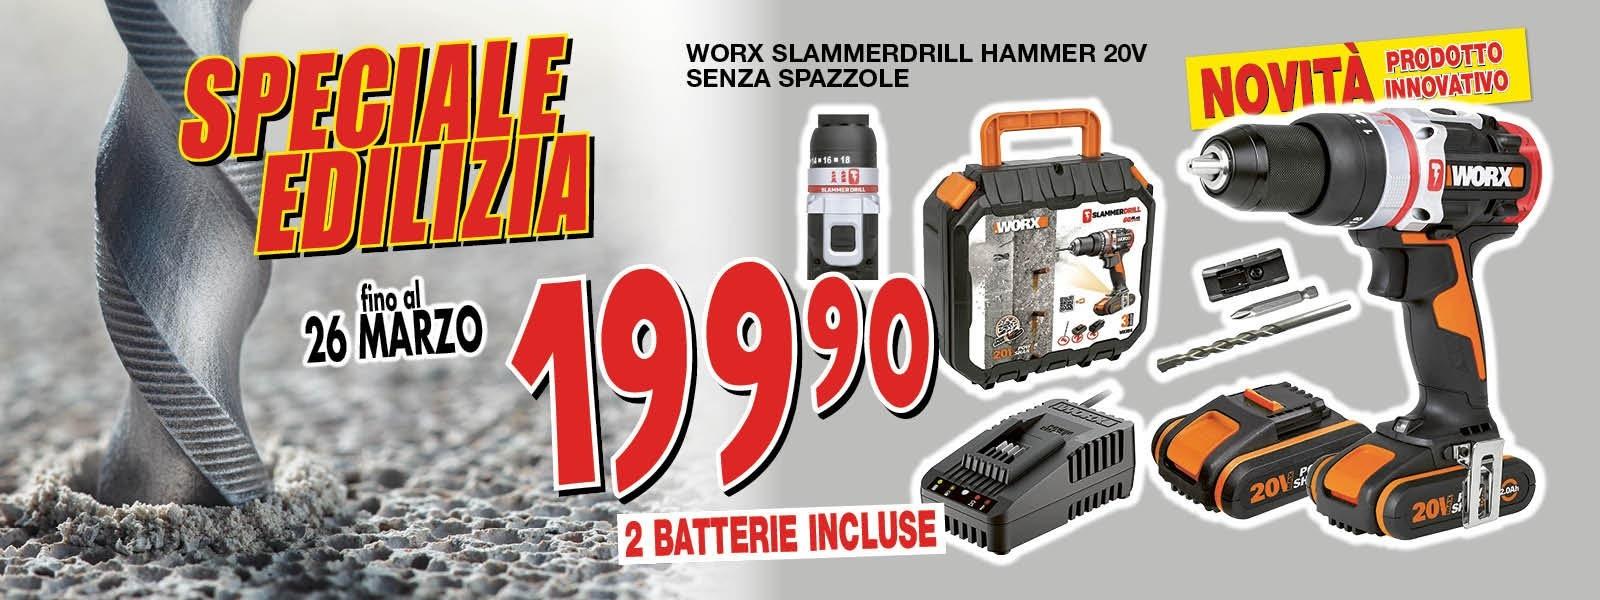 WORX SLAMMERDRILL HAMMER 20V